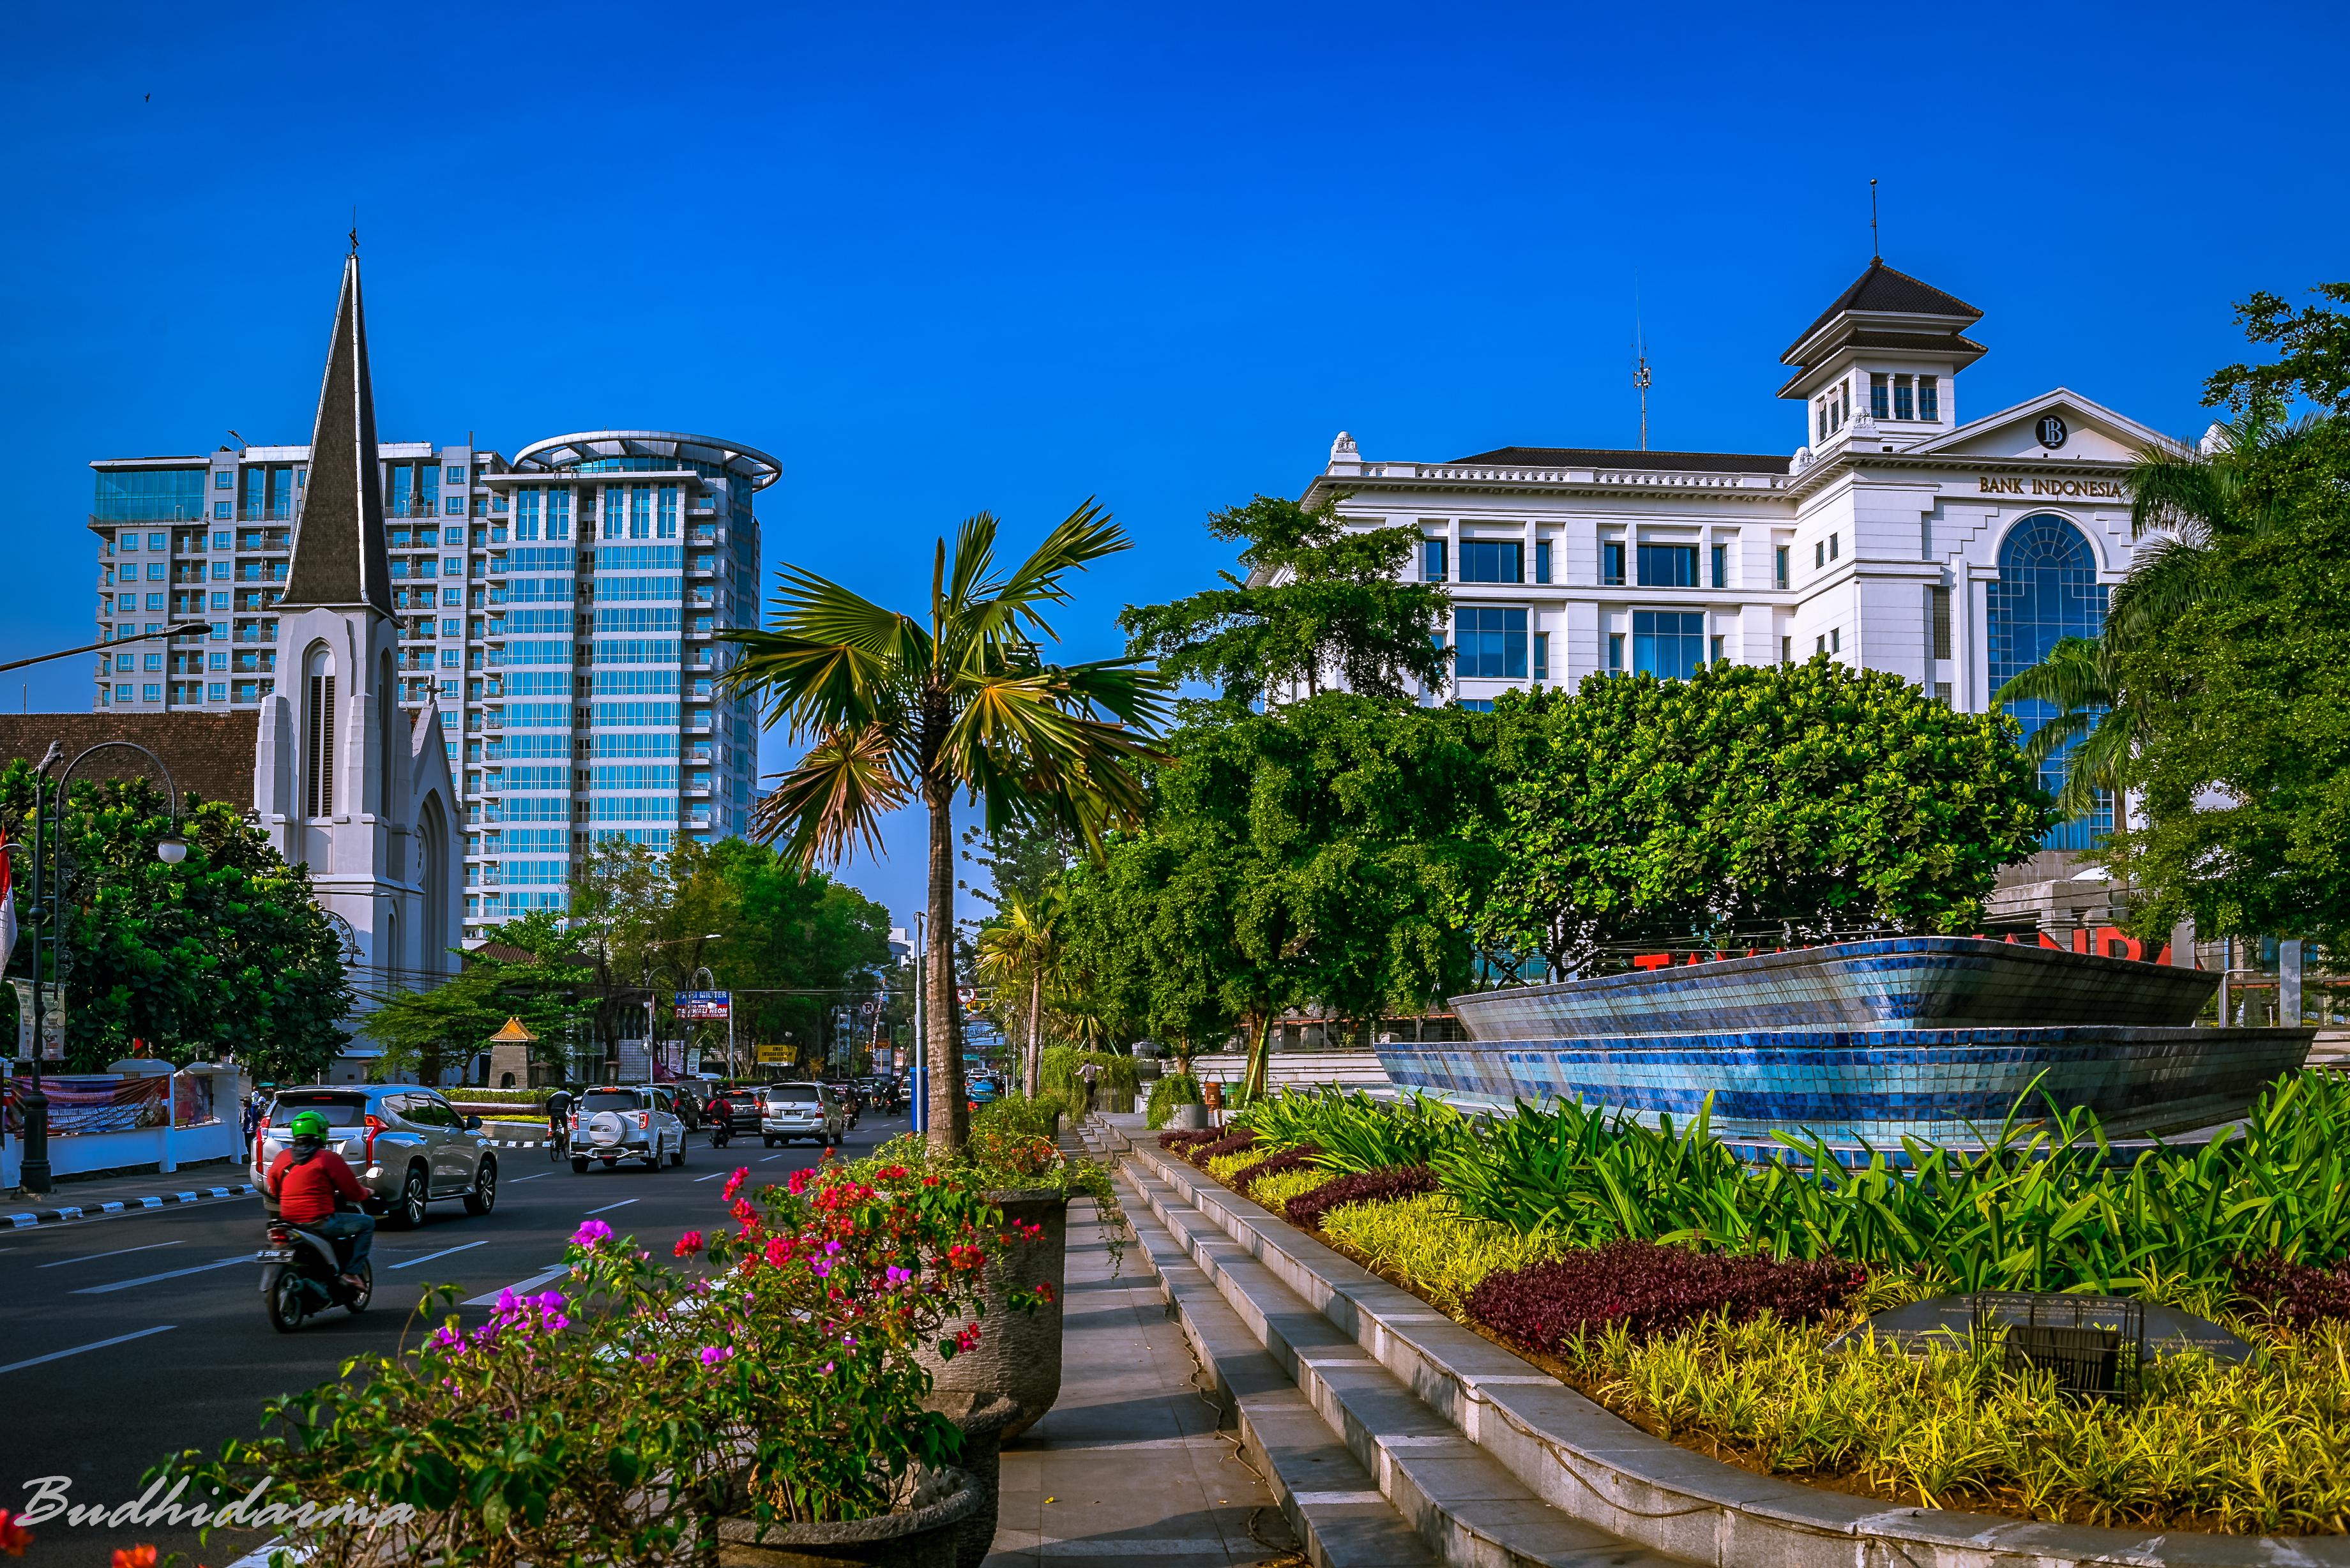 Bandung merupakan salah satu kota terbesar di Indonesia